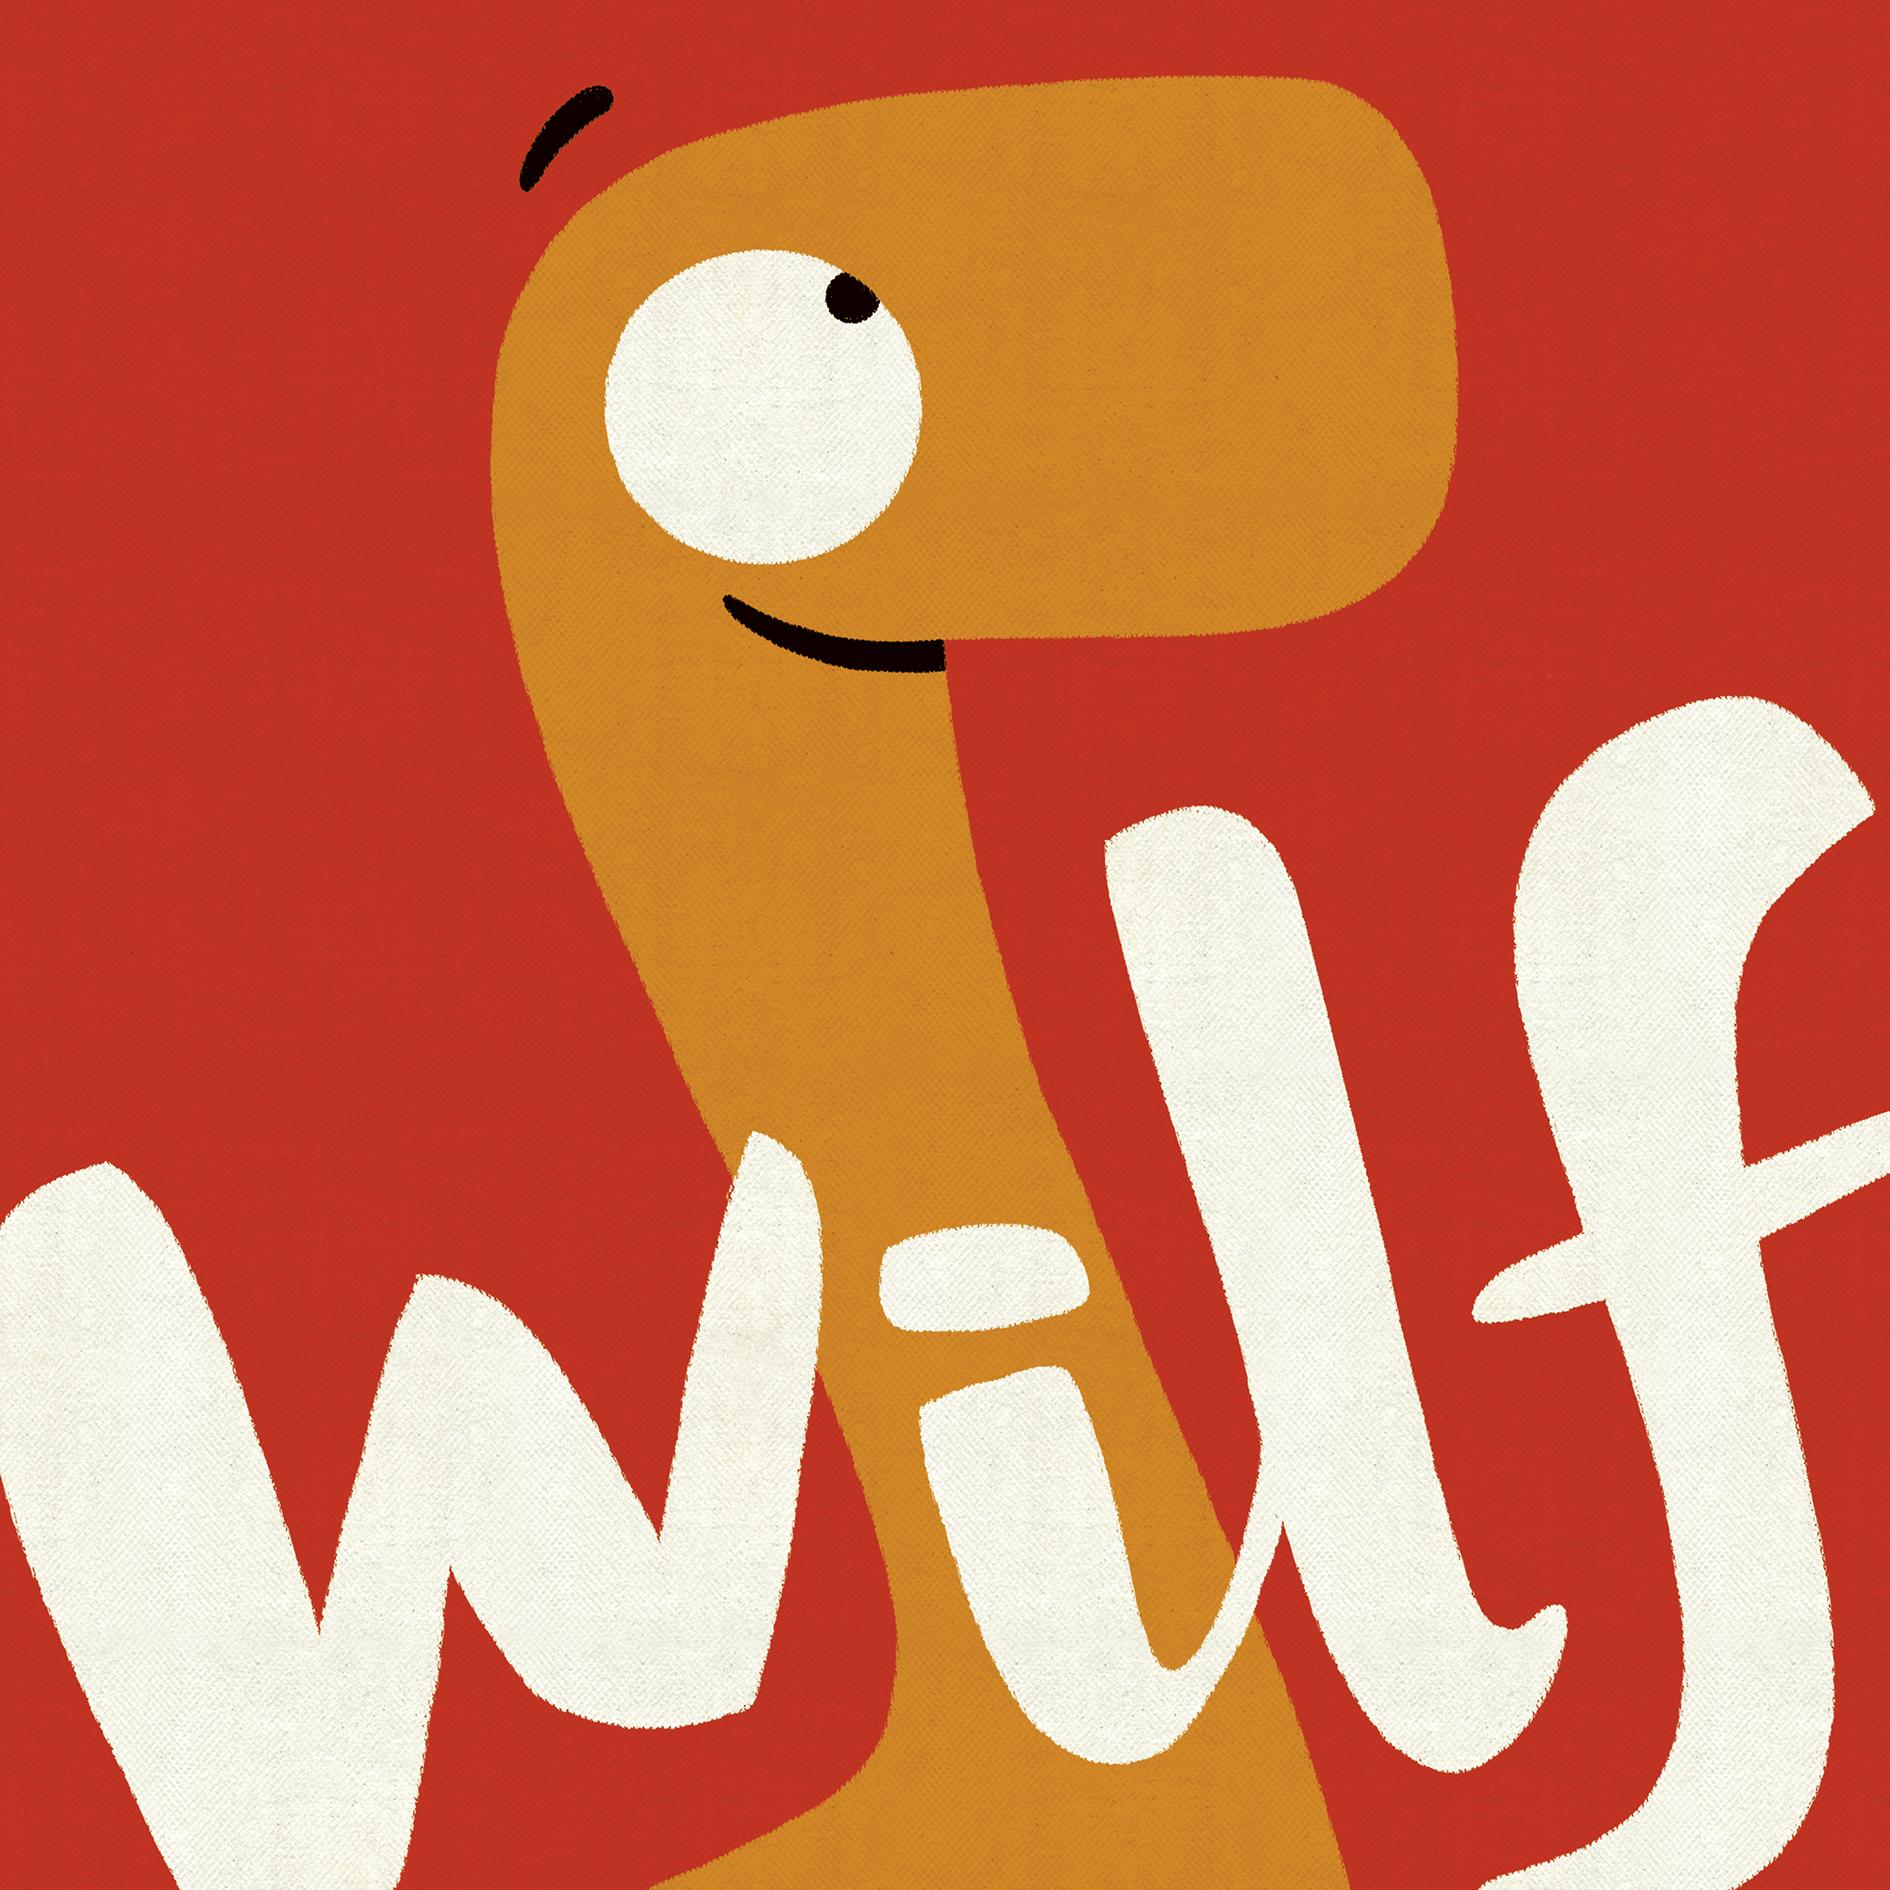 wilf2.jpg